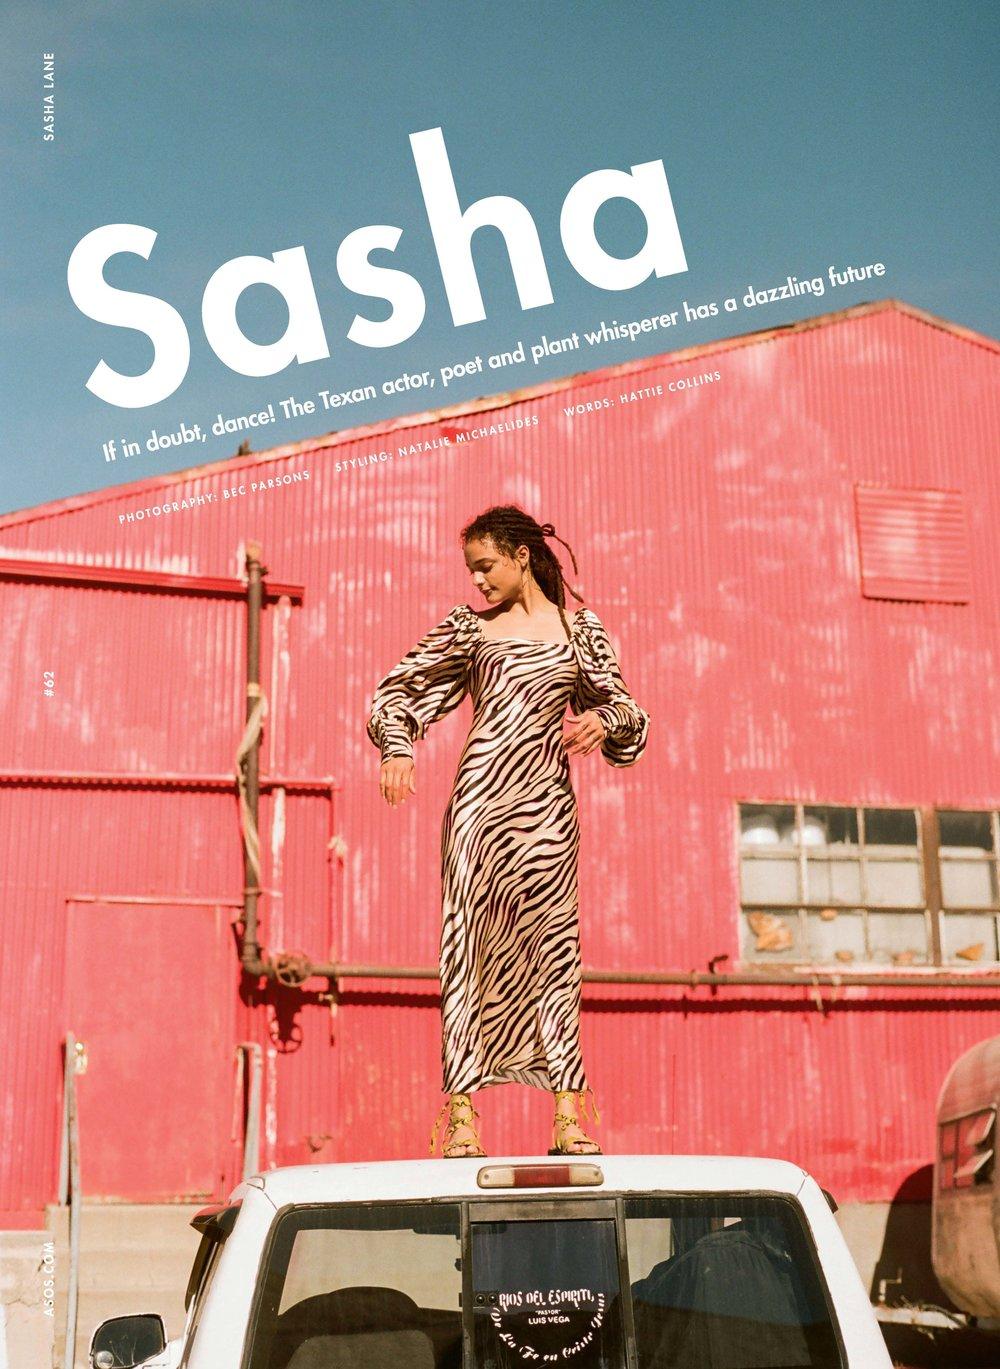 VIP4-73 - Sasha_11_72-375203_Page_1edit.jpg